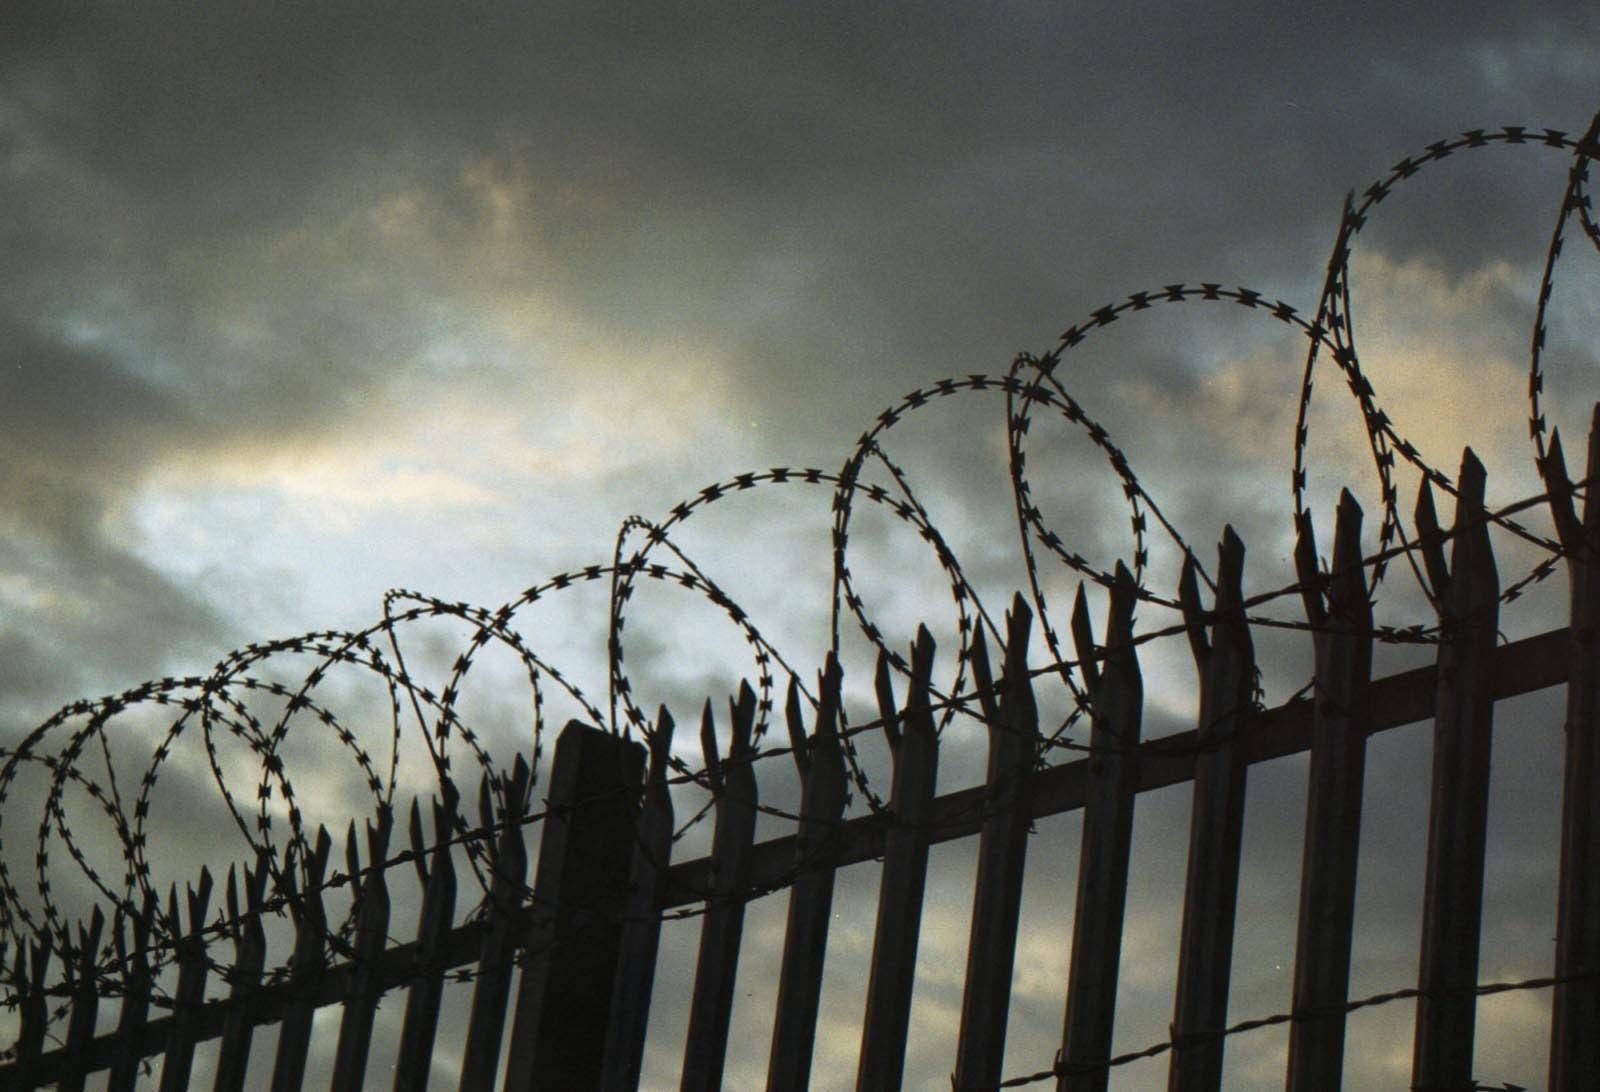 12 років за ґратами з конфіскацією майна: на Київщині судитимуть злочинців за напад на родину фермера -  - tyuryaga 1